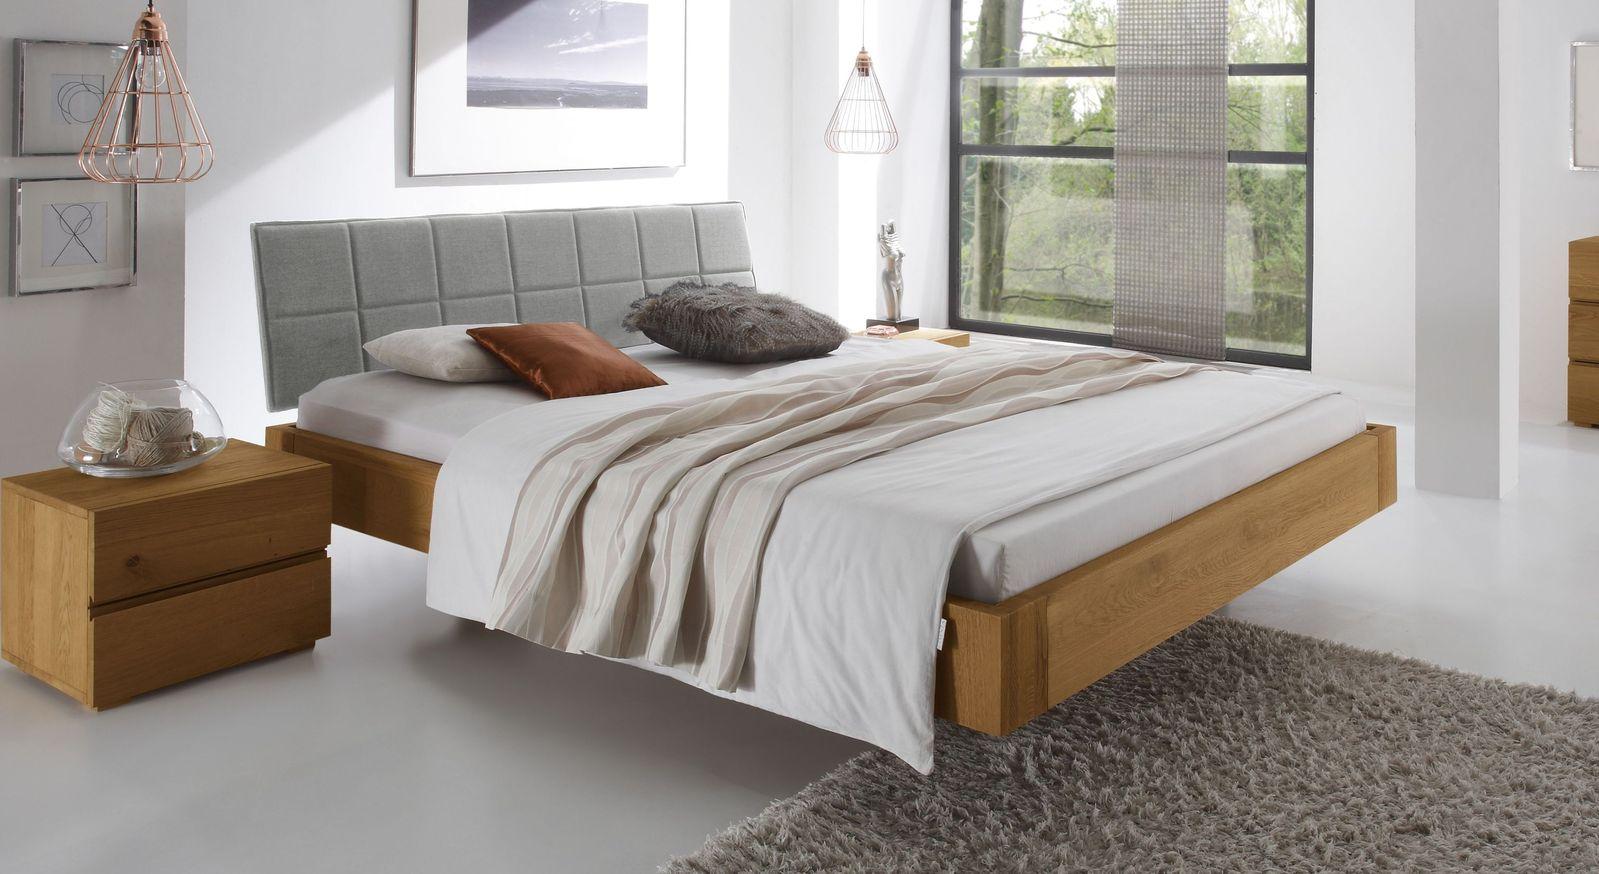 Naturfarbenes Bett Belbari mit Kopfteil in Hellgrau